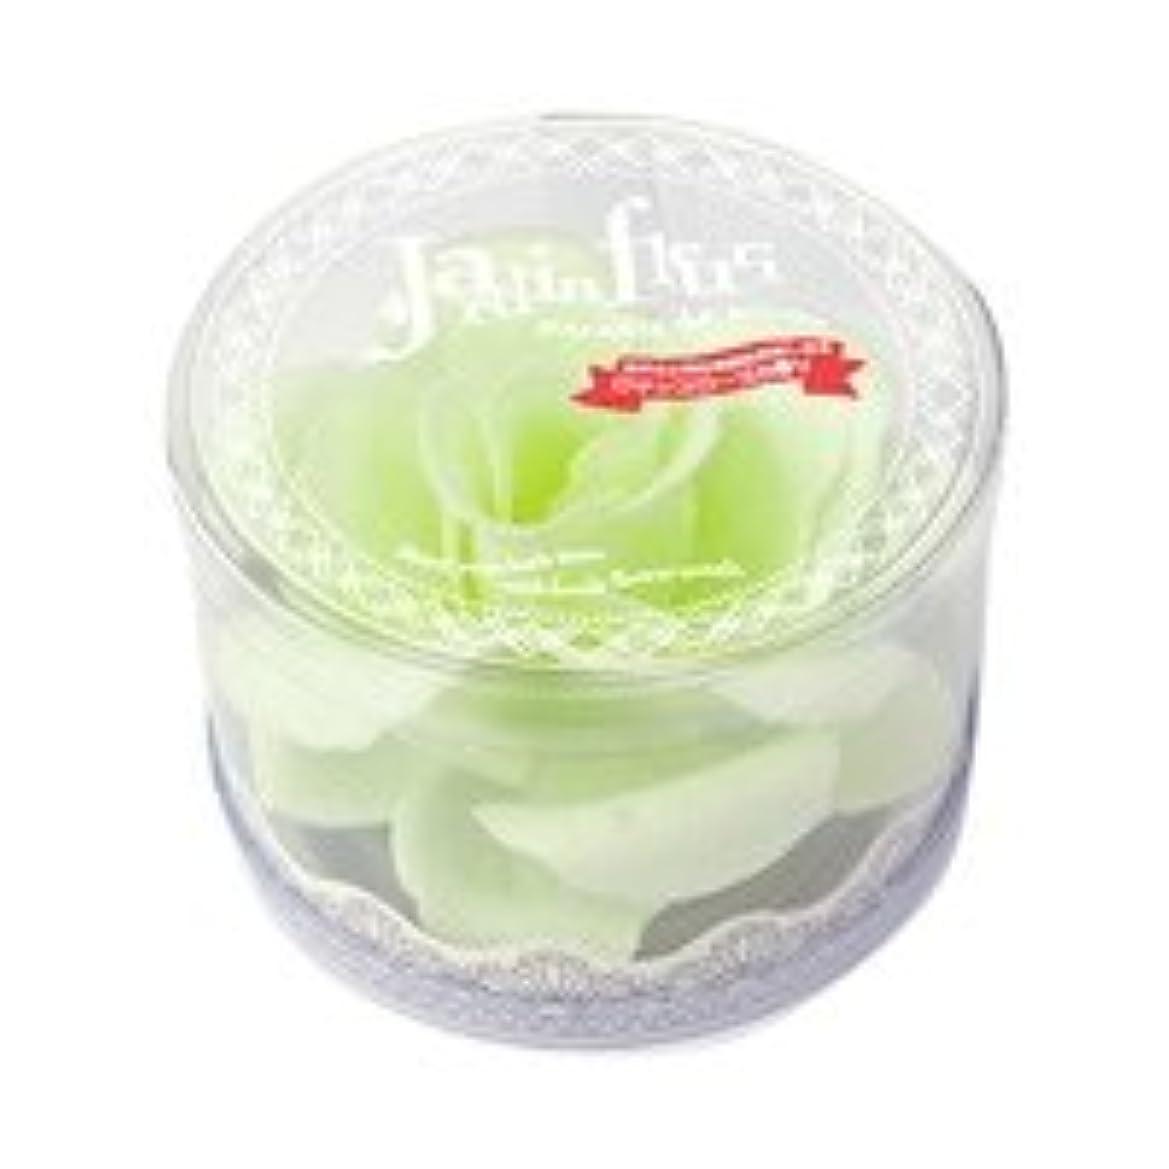 訴えるサイクル帝国ジャンダンフルリ バスペタル ボックス「ペール グリーン」6個セット ロマンスローズの香り